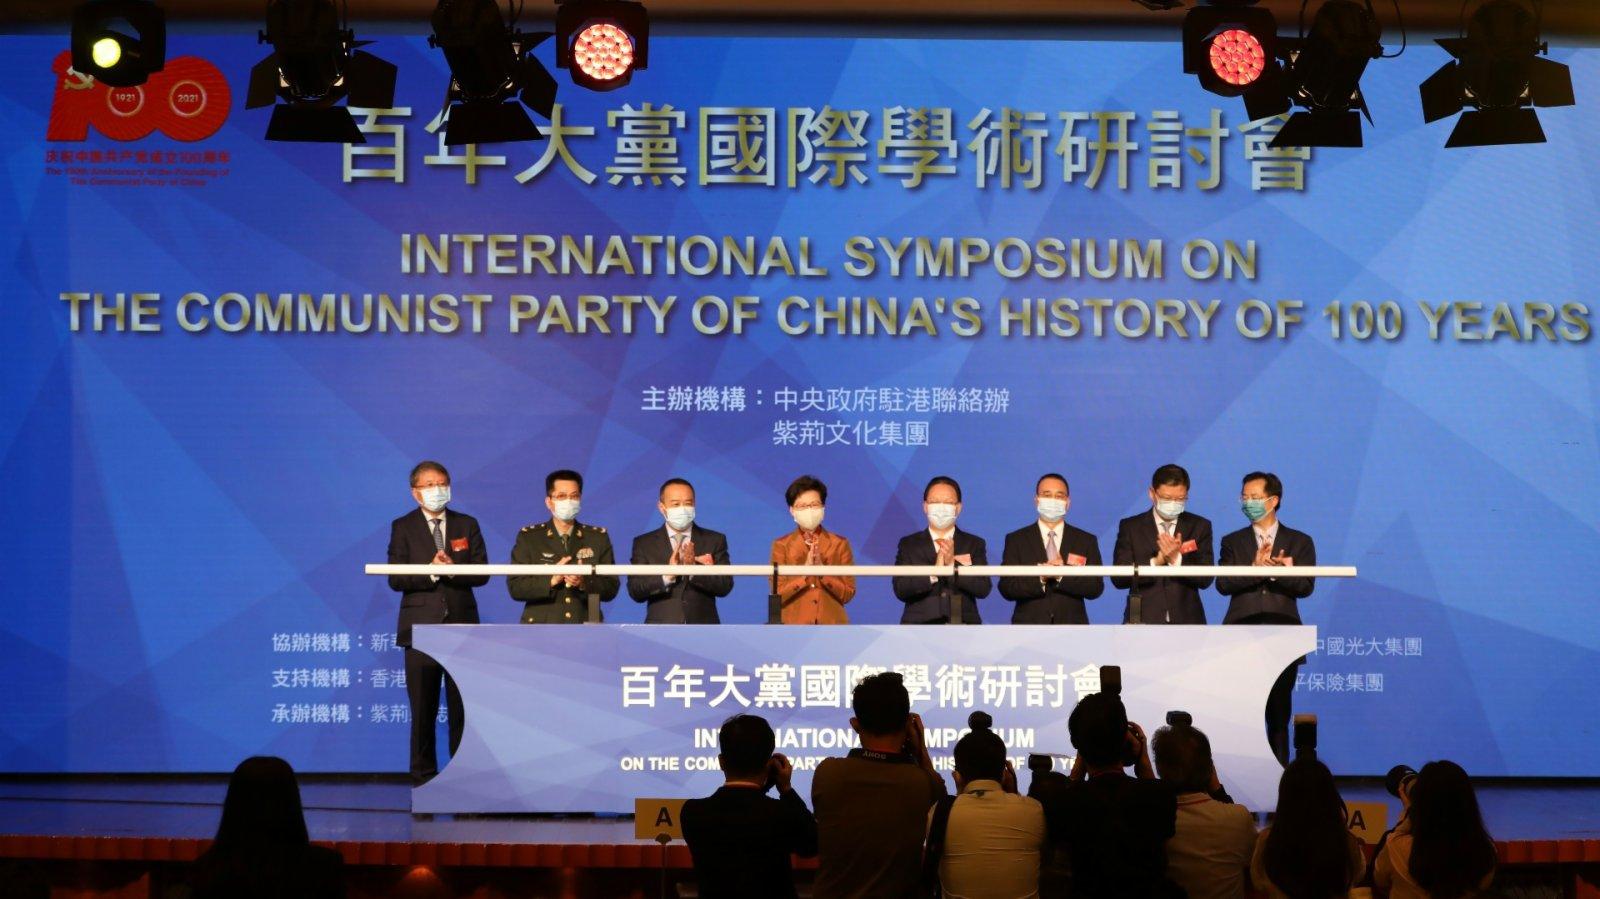 直播 百年大黨國際學術研討會今在港舉行